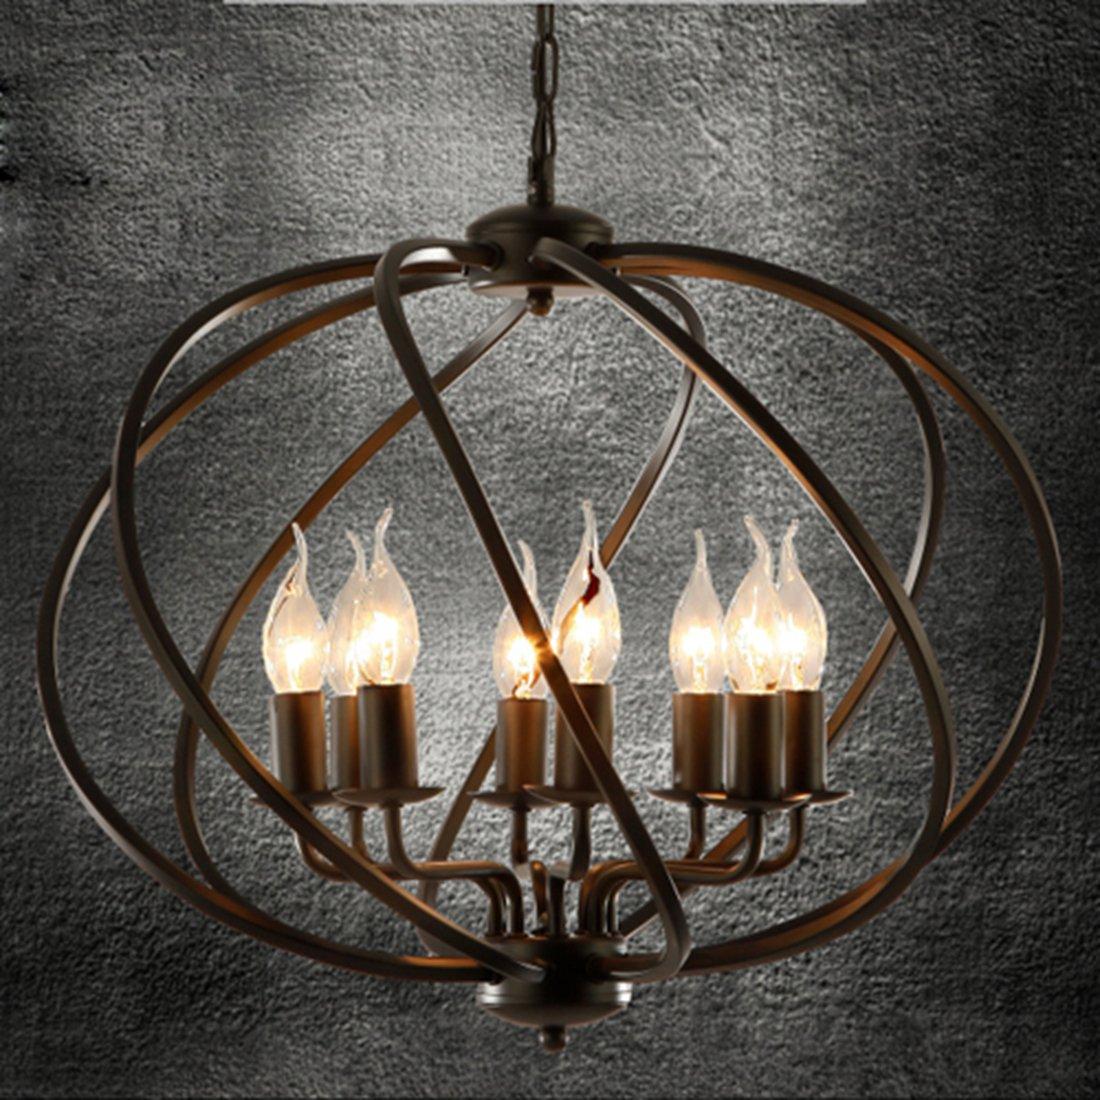 BAYCHEER Globe Hängeleuchte Käfig Cage Industrielampe E12 E14 Pendelleuchte 8 Lampenfassungen Esszimmer Lampe Wohnzimmer Kronleuchter